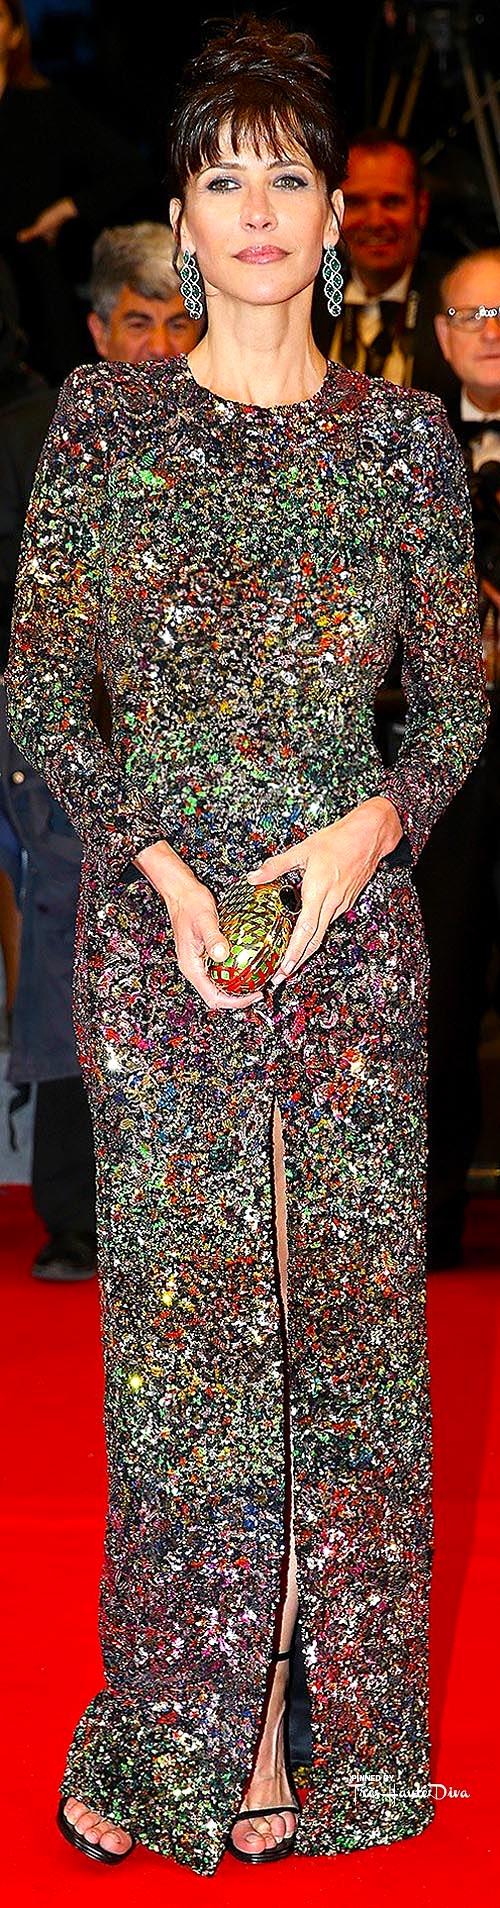 Sophie Marceau                        vogue.uk.com/ Getty